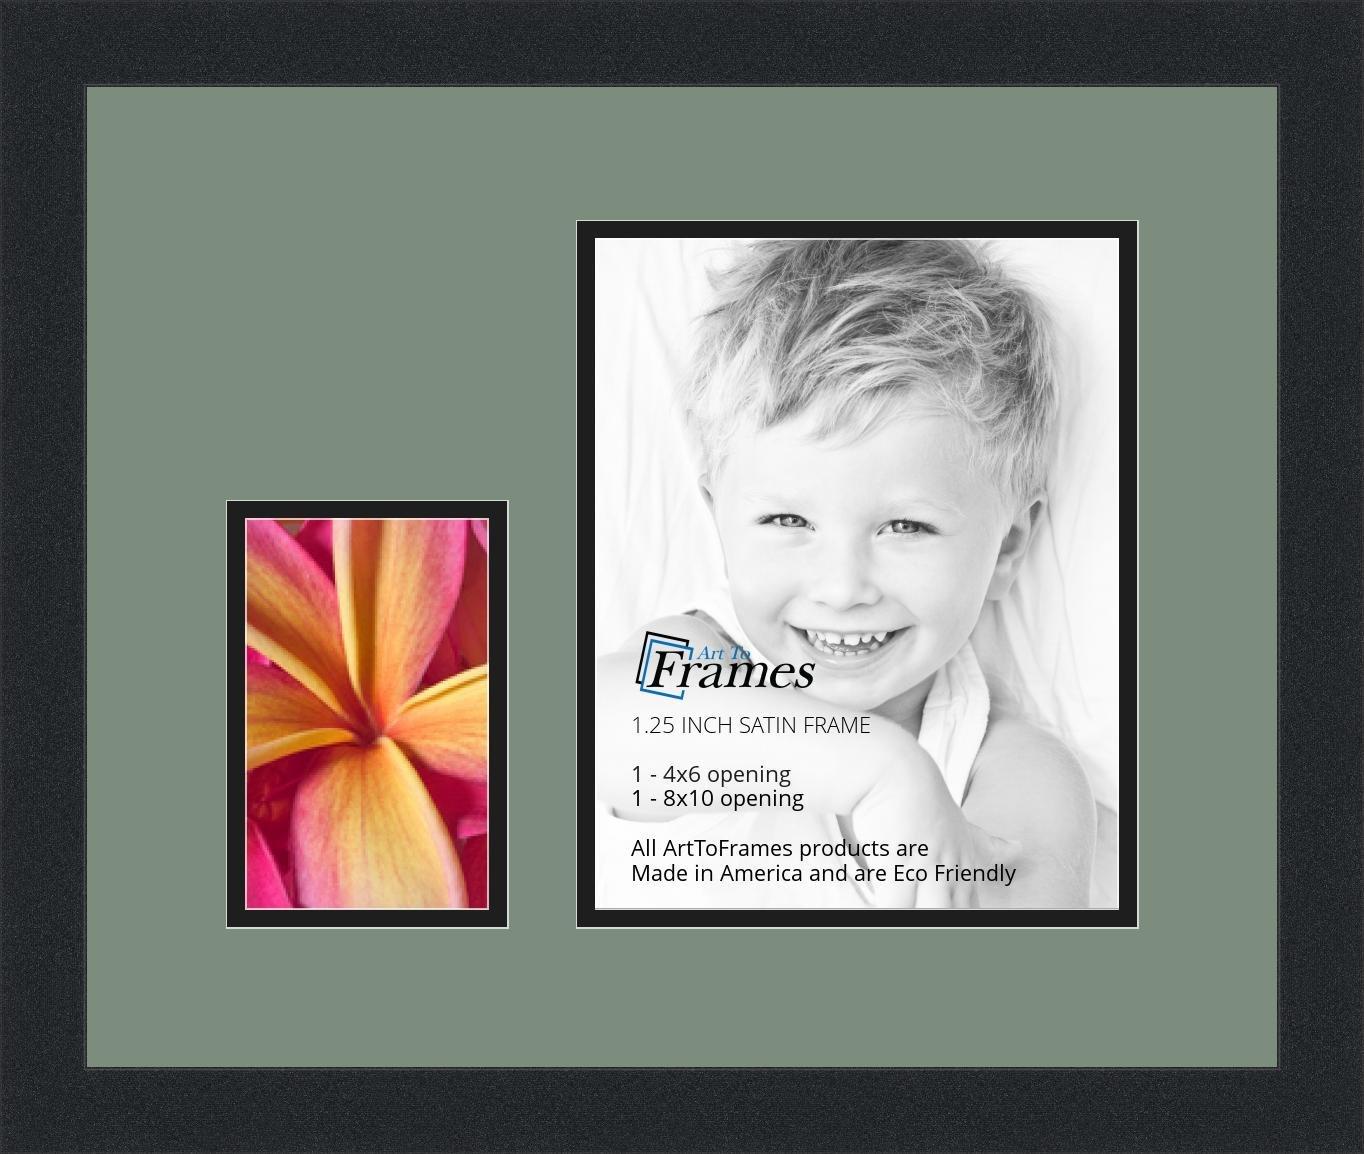 Arte a marcos doble-multimat - 249-852/89-FRBW26079 marco de fotos ...